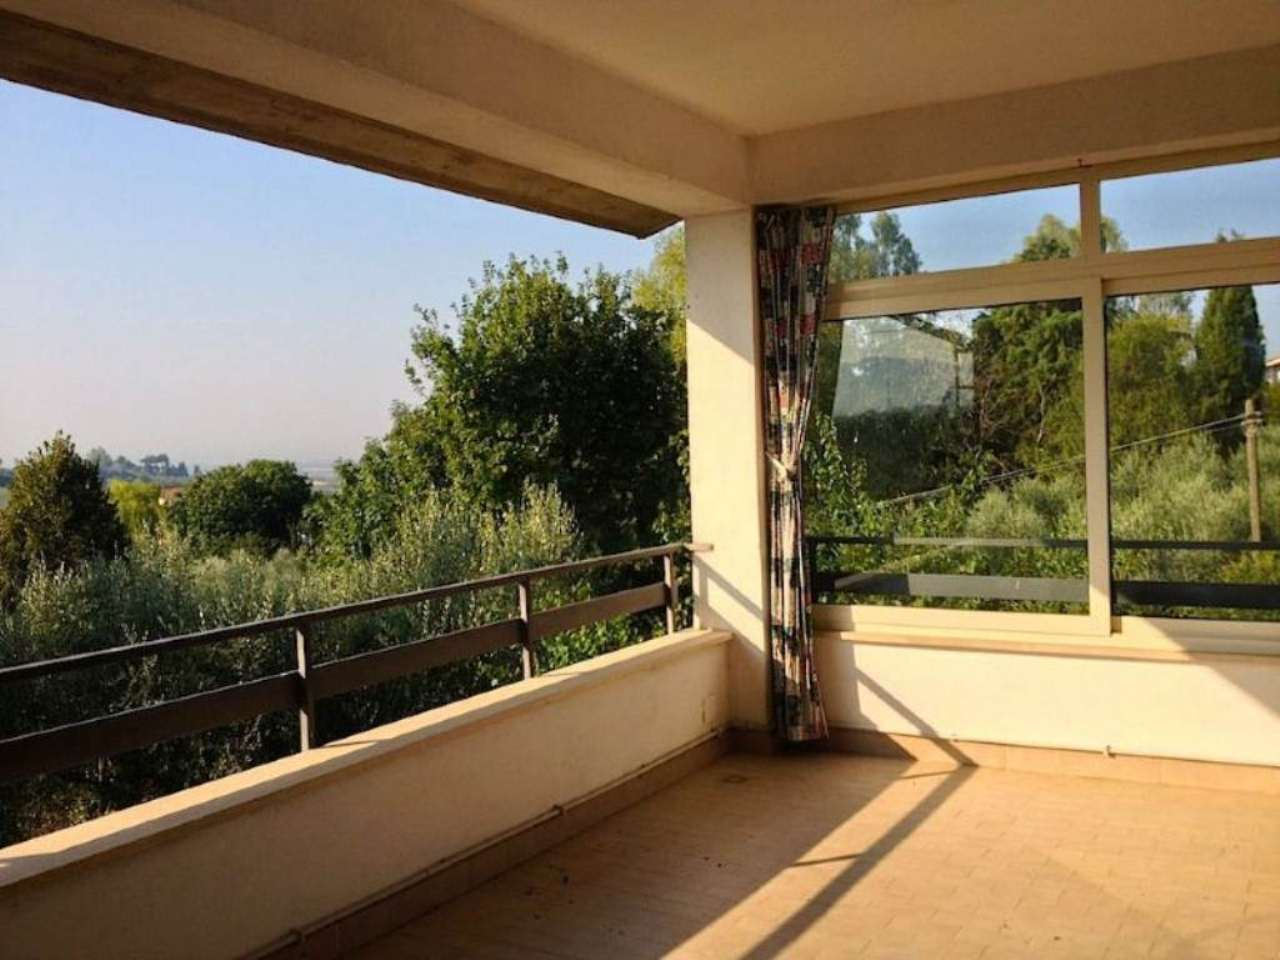 Villa Bifamiliare in Vendita a Montopoli di Sabina